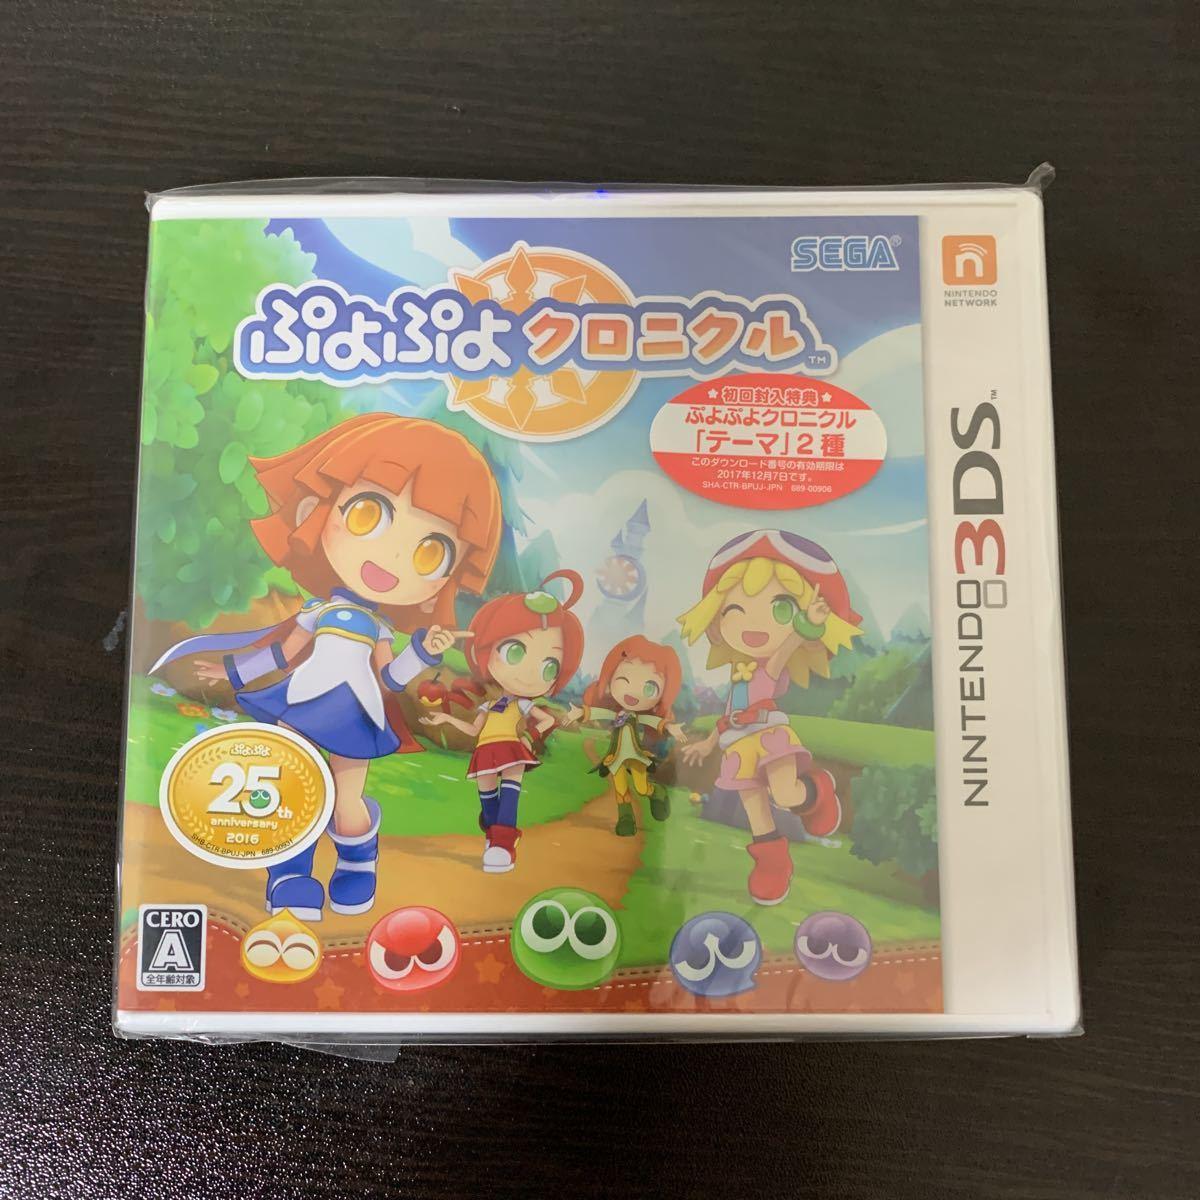 【新品、未開封品】3DS ぷよぷよクロニクル